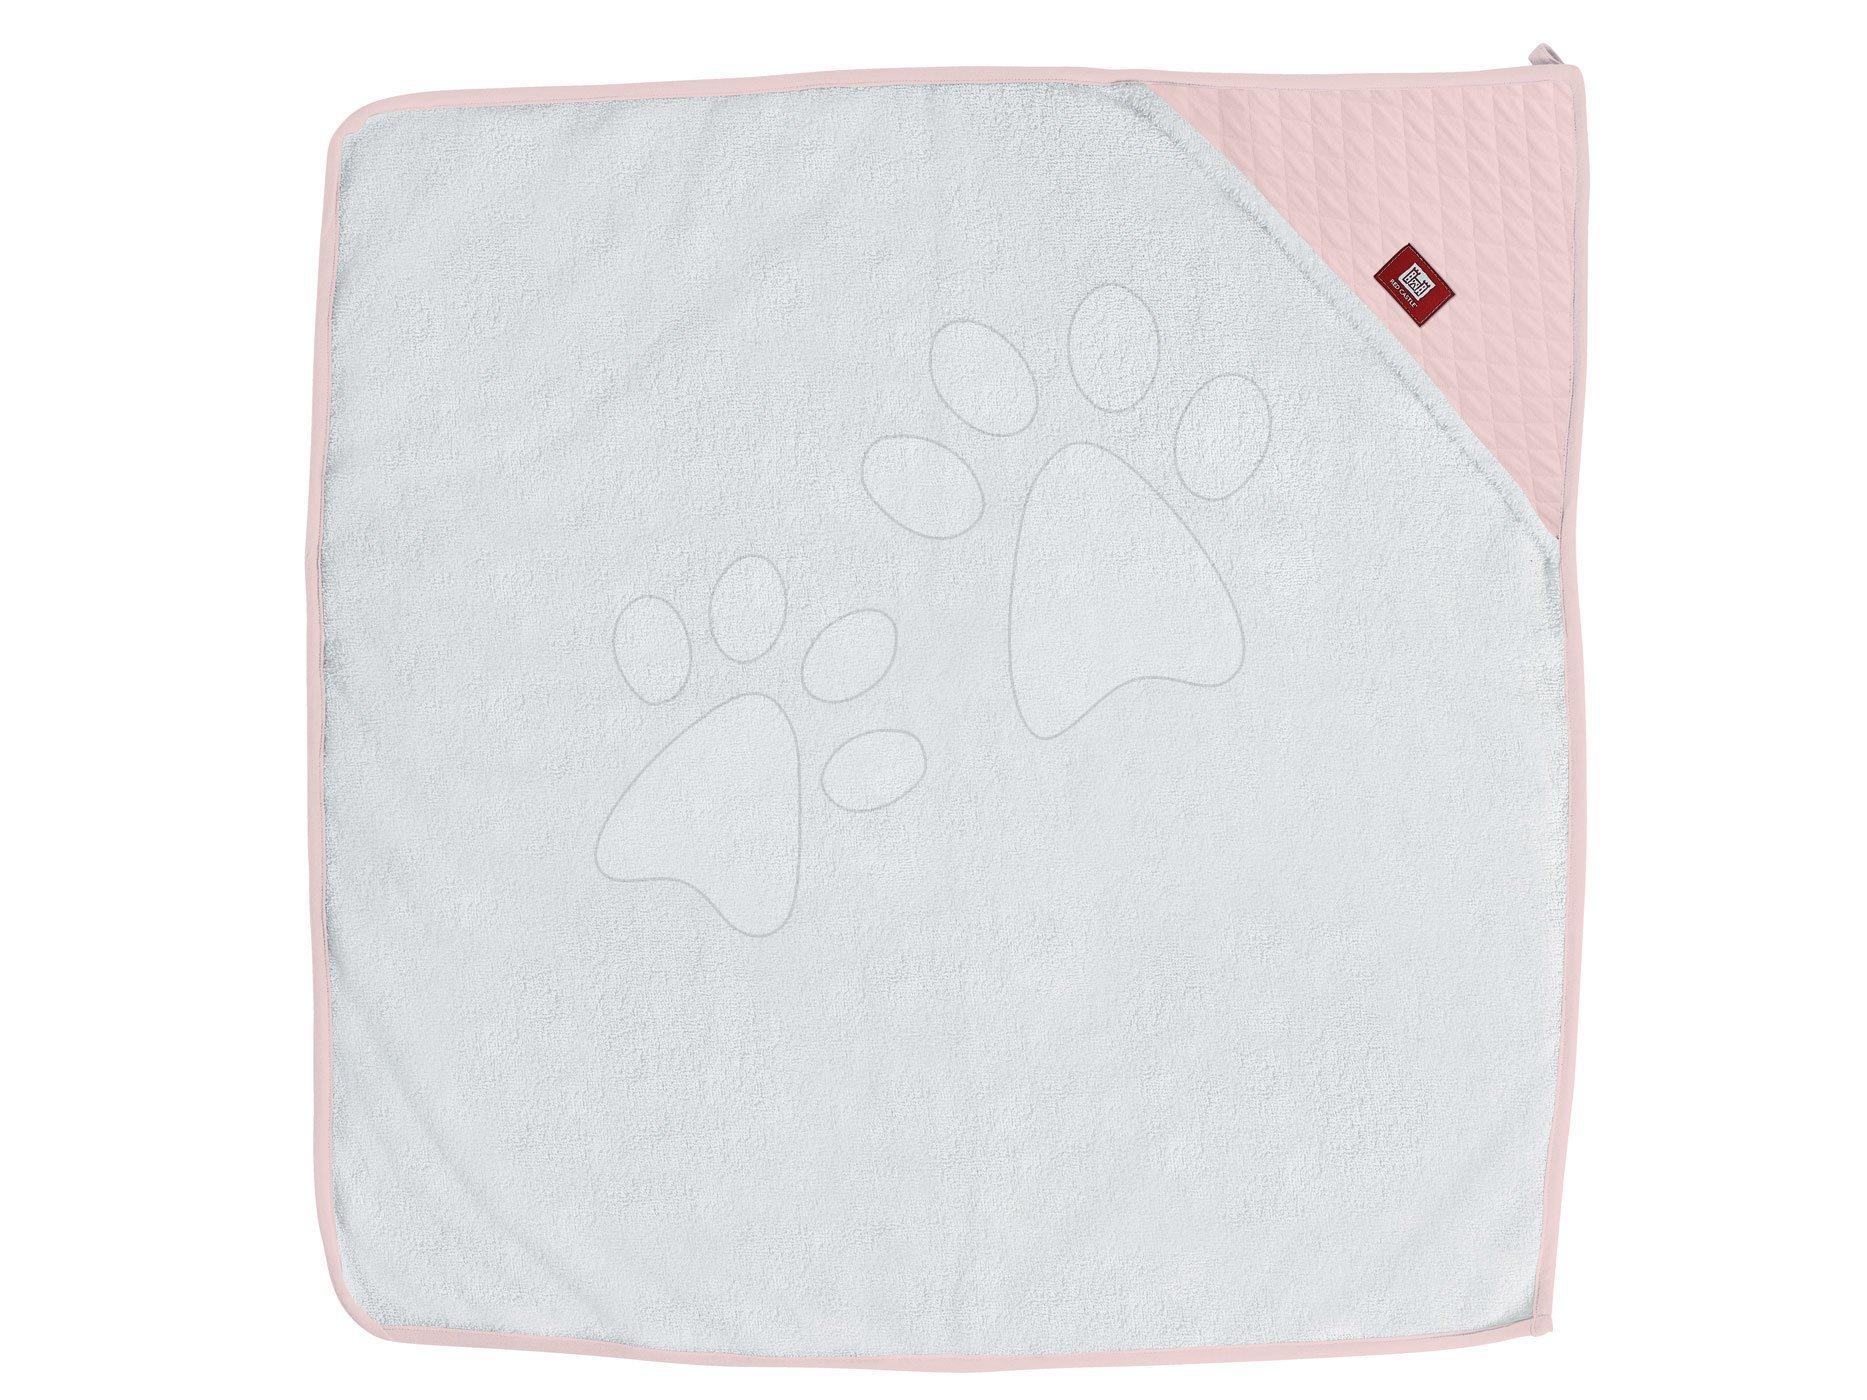 Kojenecká osuška s kapucí Red Castle Fleur de Coton® 100x100 cm růžová od 0 měsíců